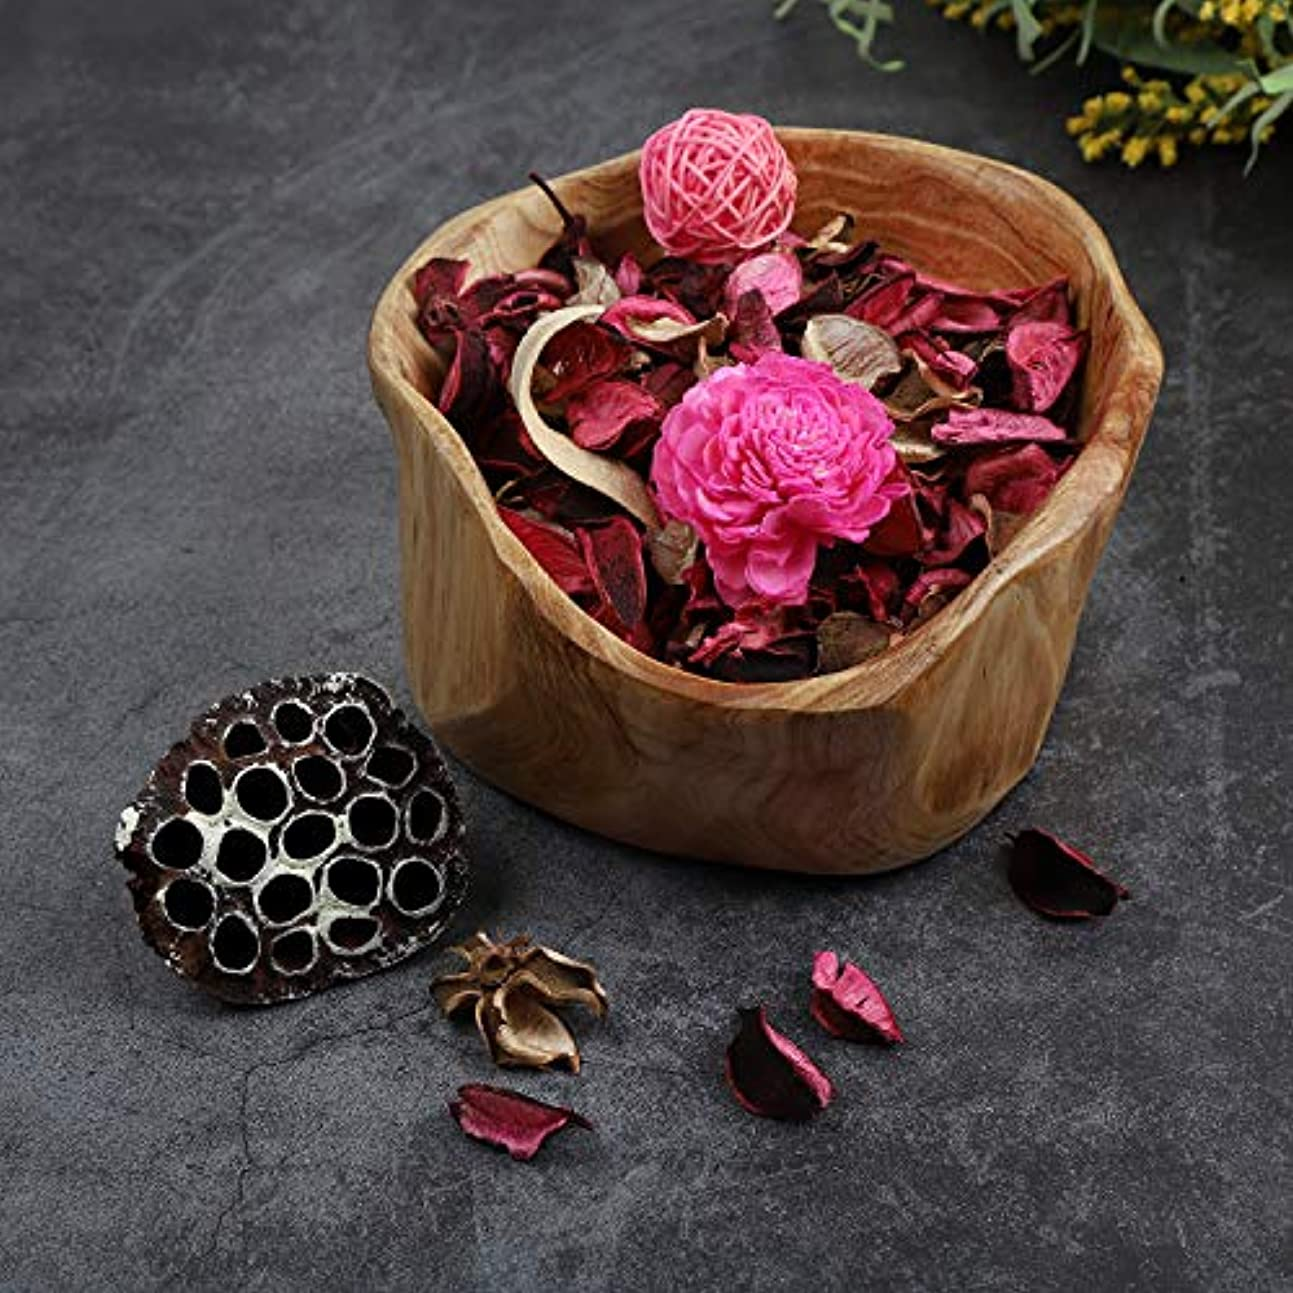 晩餐シティ適応するQingbei Rina ポプリ ピンク 200g バラのポプリ ギフト 手作りの自然素材